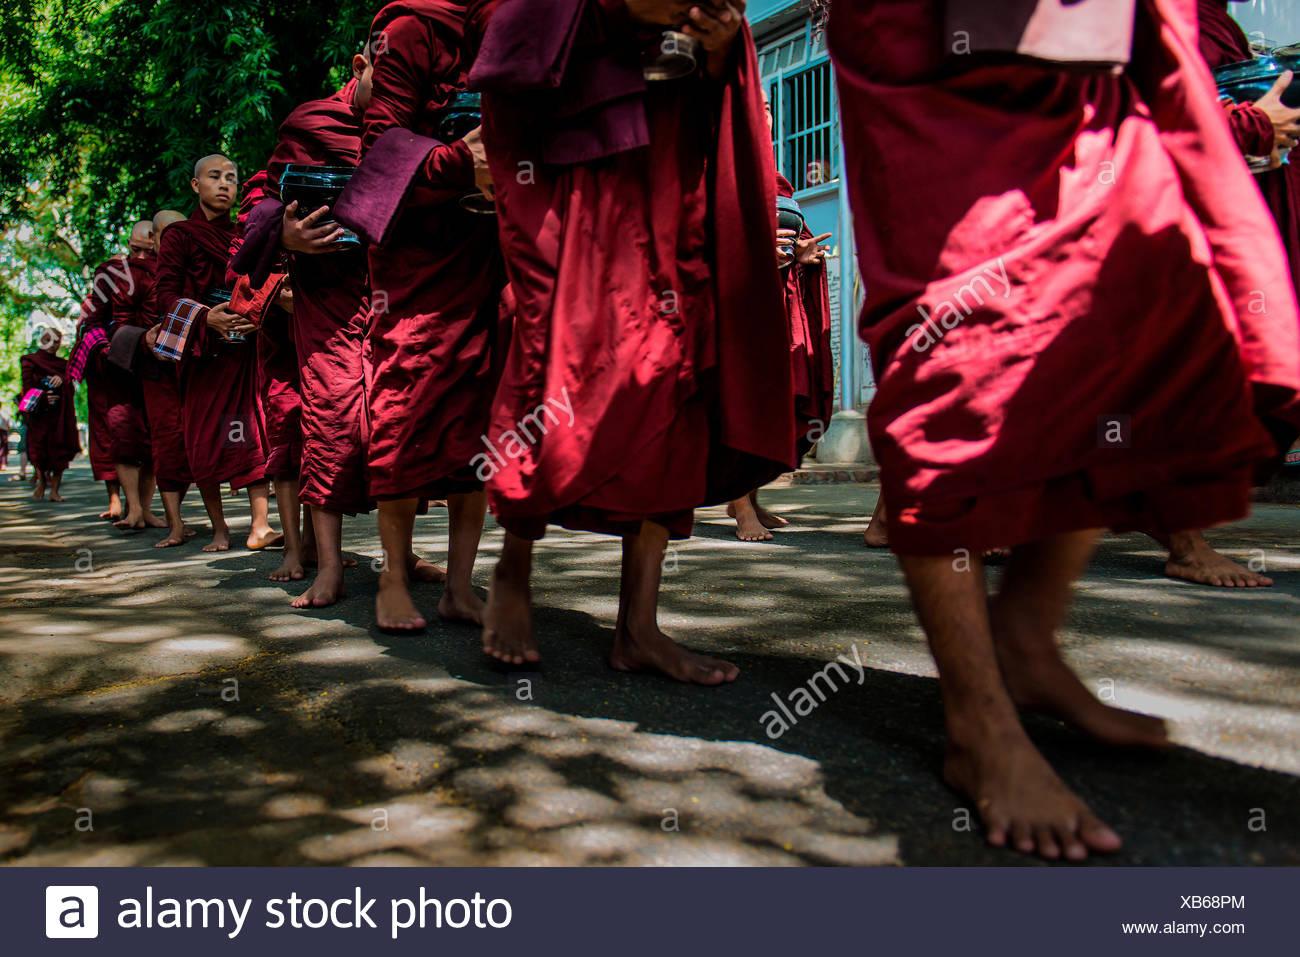 Monastère Mahagandayon, Amarapura, Myanmar, l'Asie du Sud Est. Monks dans une rangée pour le rituel du déjeuner. Photo Stock